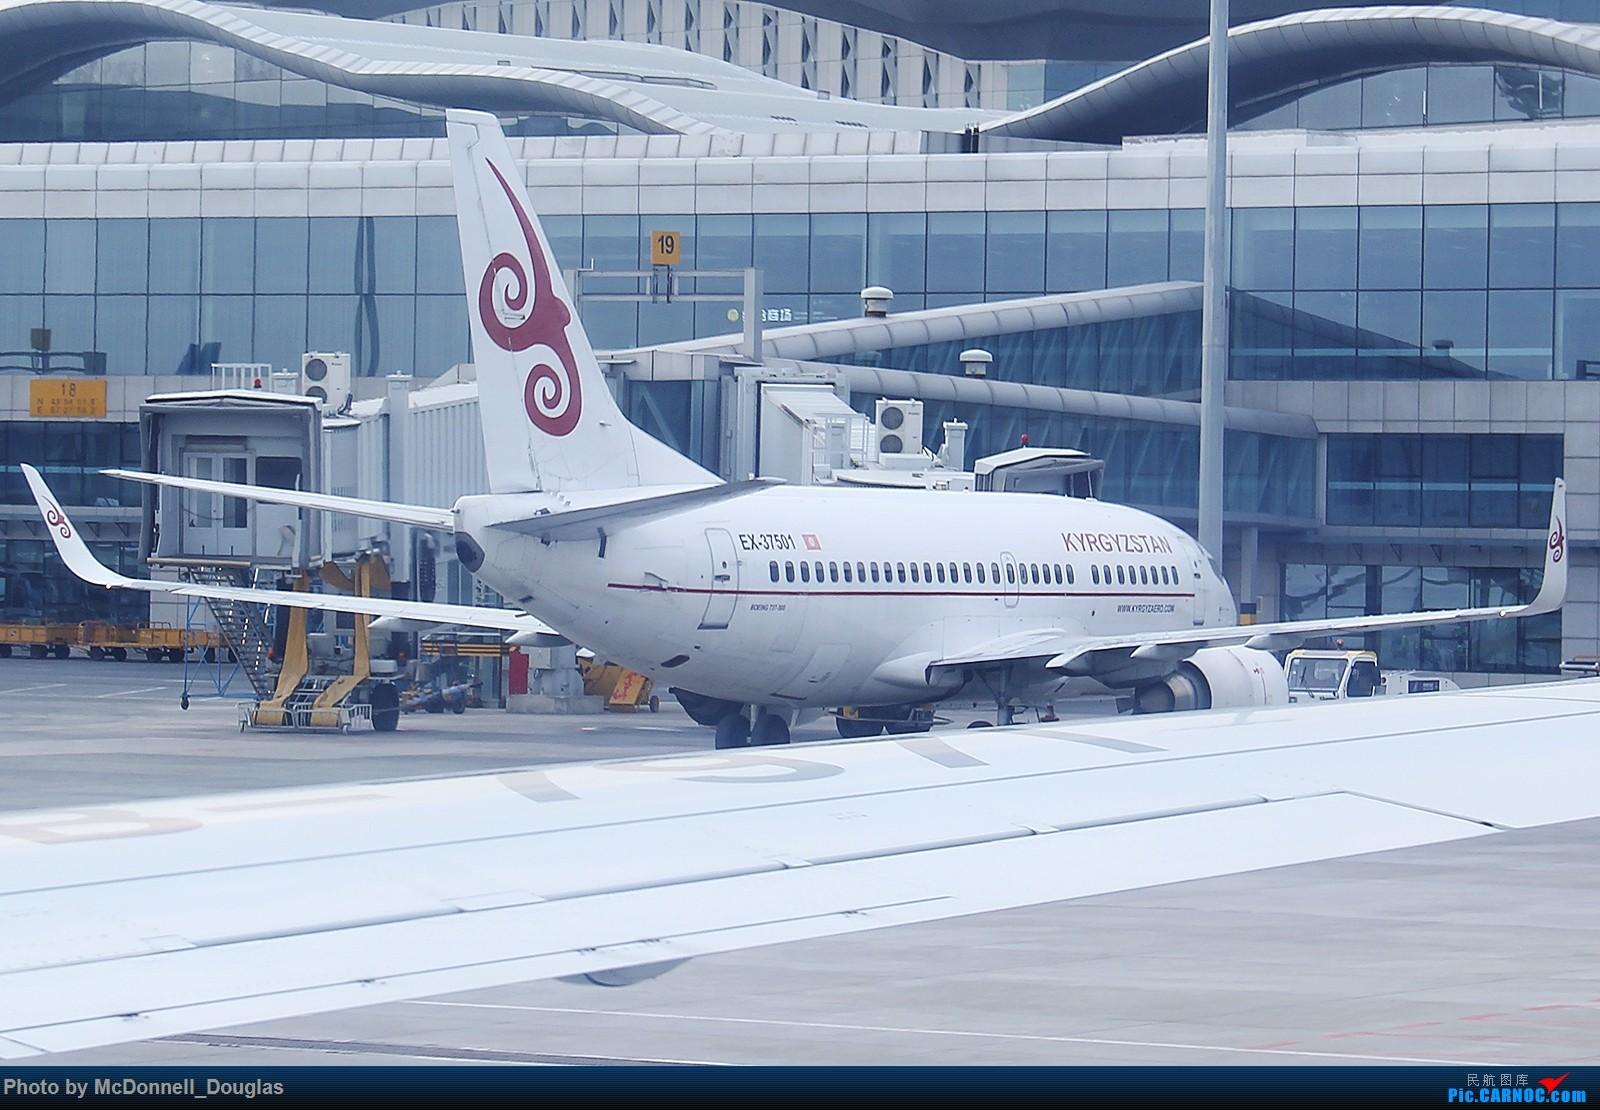 Re:[原创]【上海飞友会】【zc带你走天下(3)】再访祖辈年轻时工作的土地,父母年少时生活戈壁,跨越大半个中国去看新疆,回程小游蓉城(下) BOEING 737-59D EX-37501 中国乌鲁木齐地窝堡国际机场